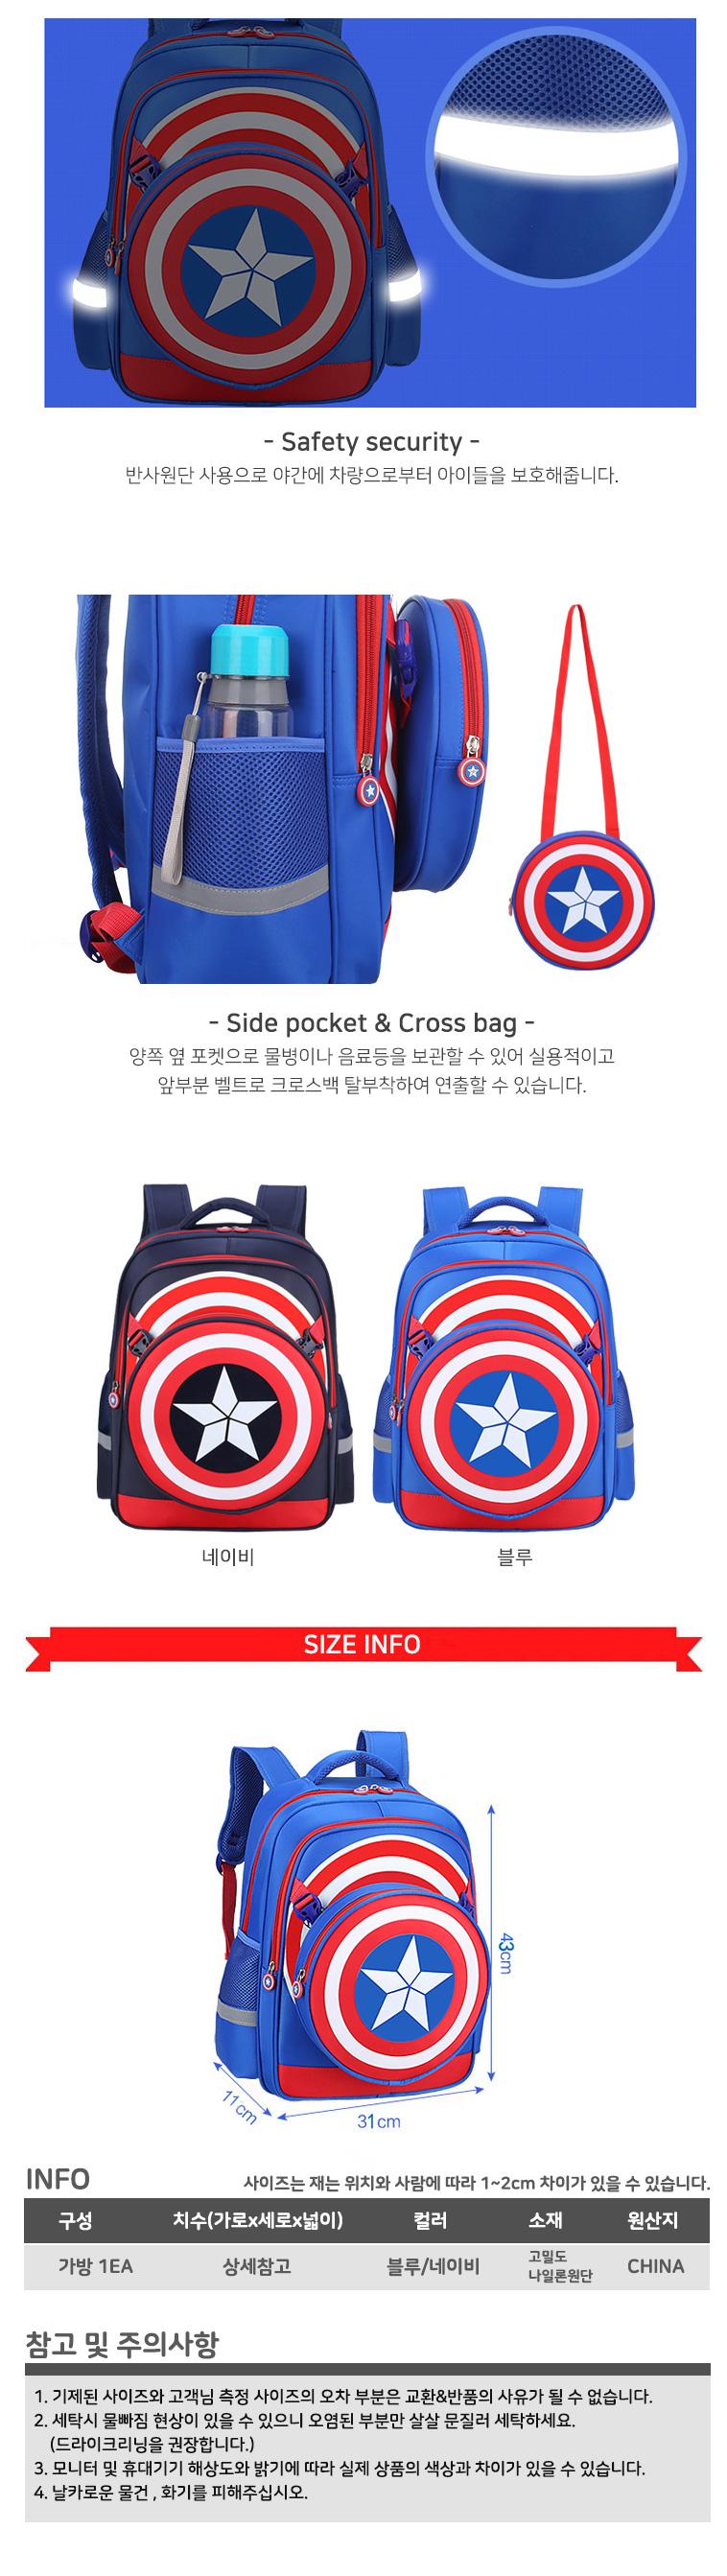 캡틴크로스백팩 신학기 책가방 캐릭터 가방 - 나와또, 30,900원, 백팩, 패브릭백팩